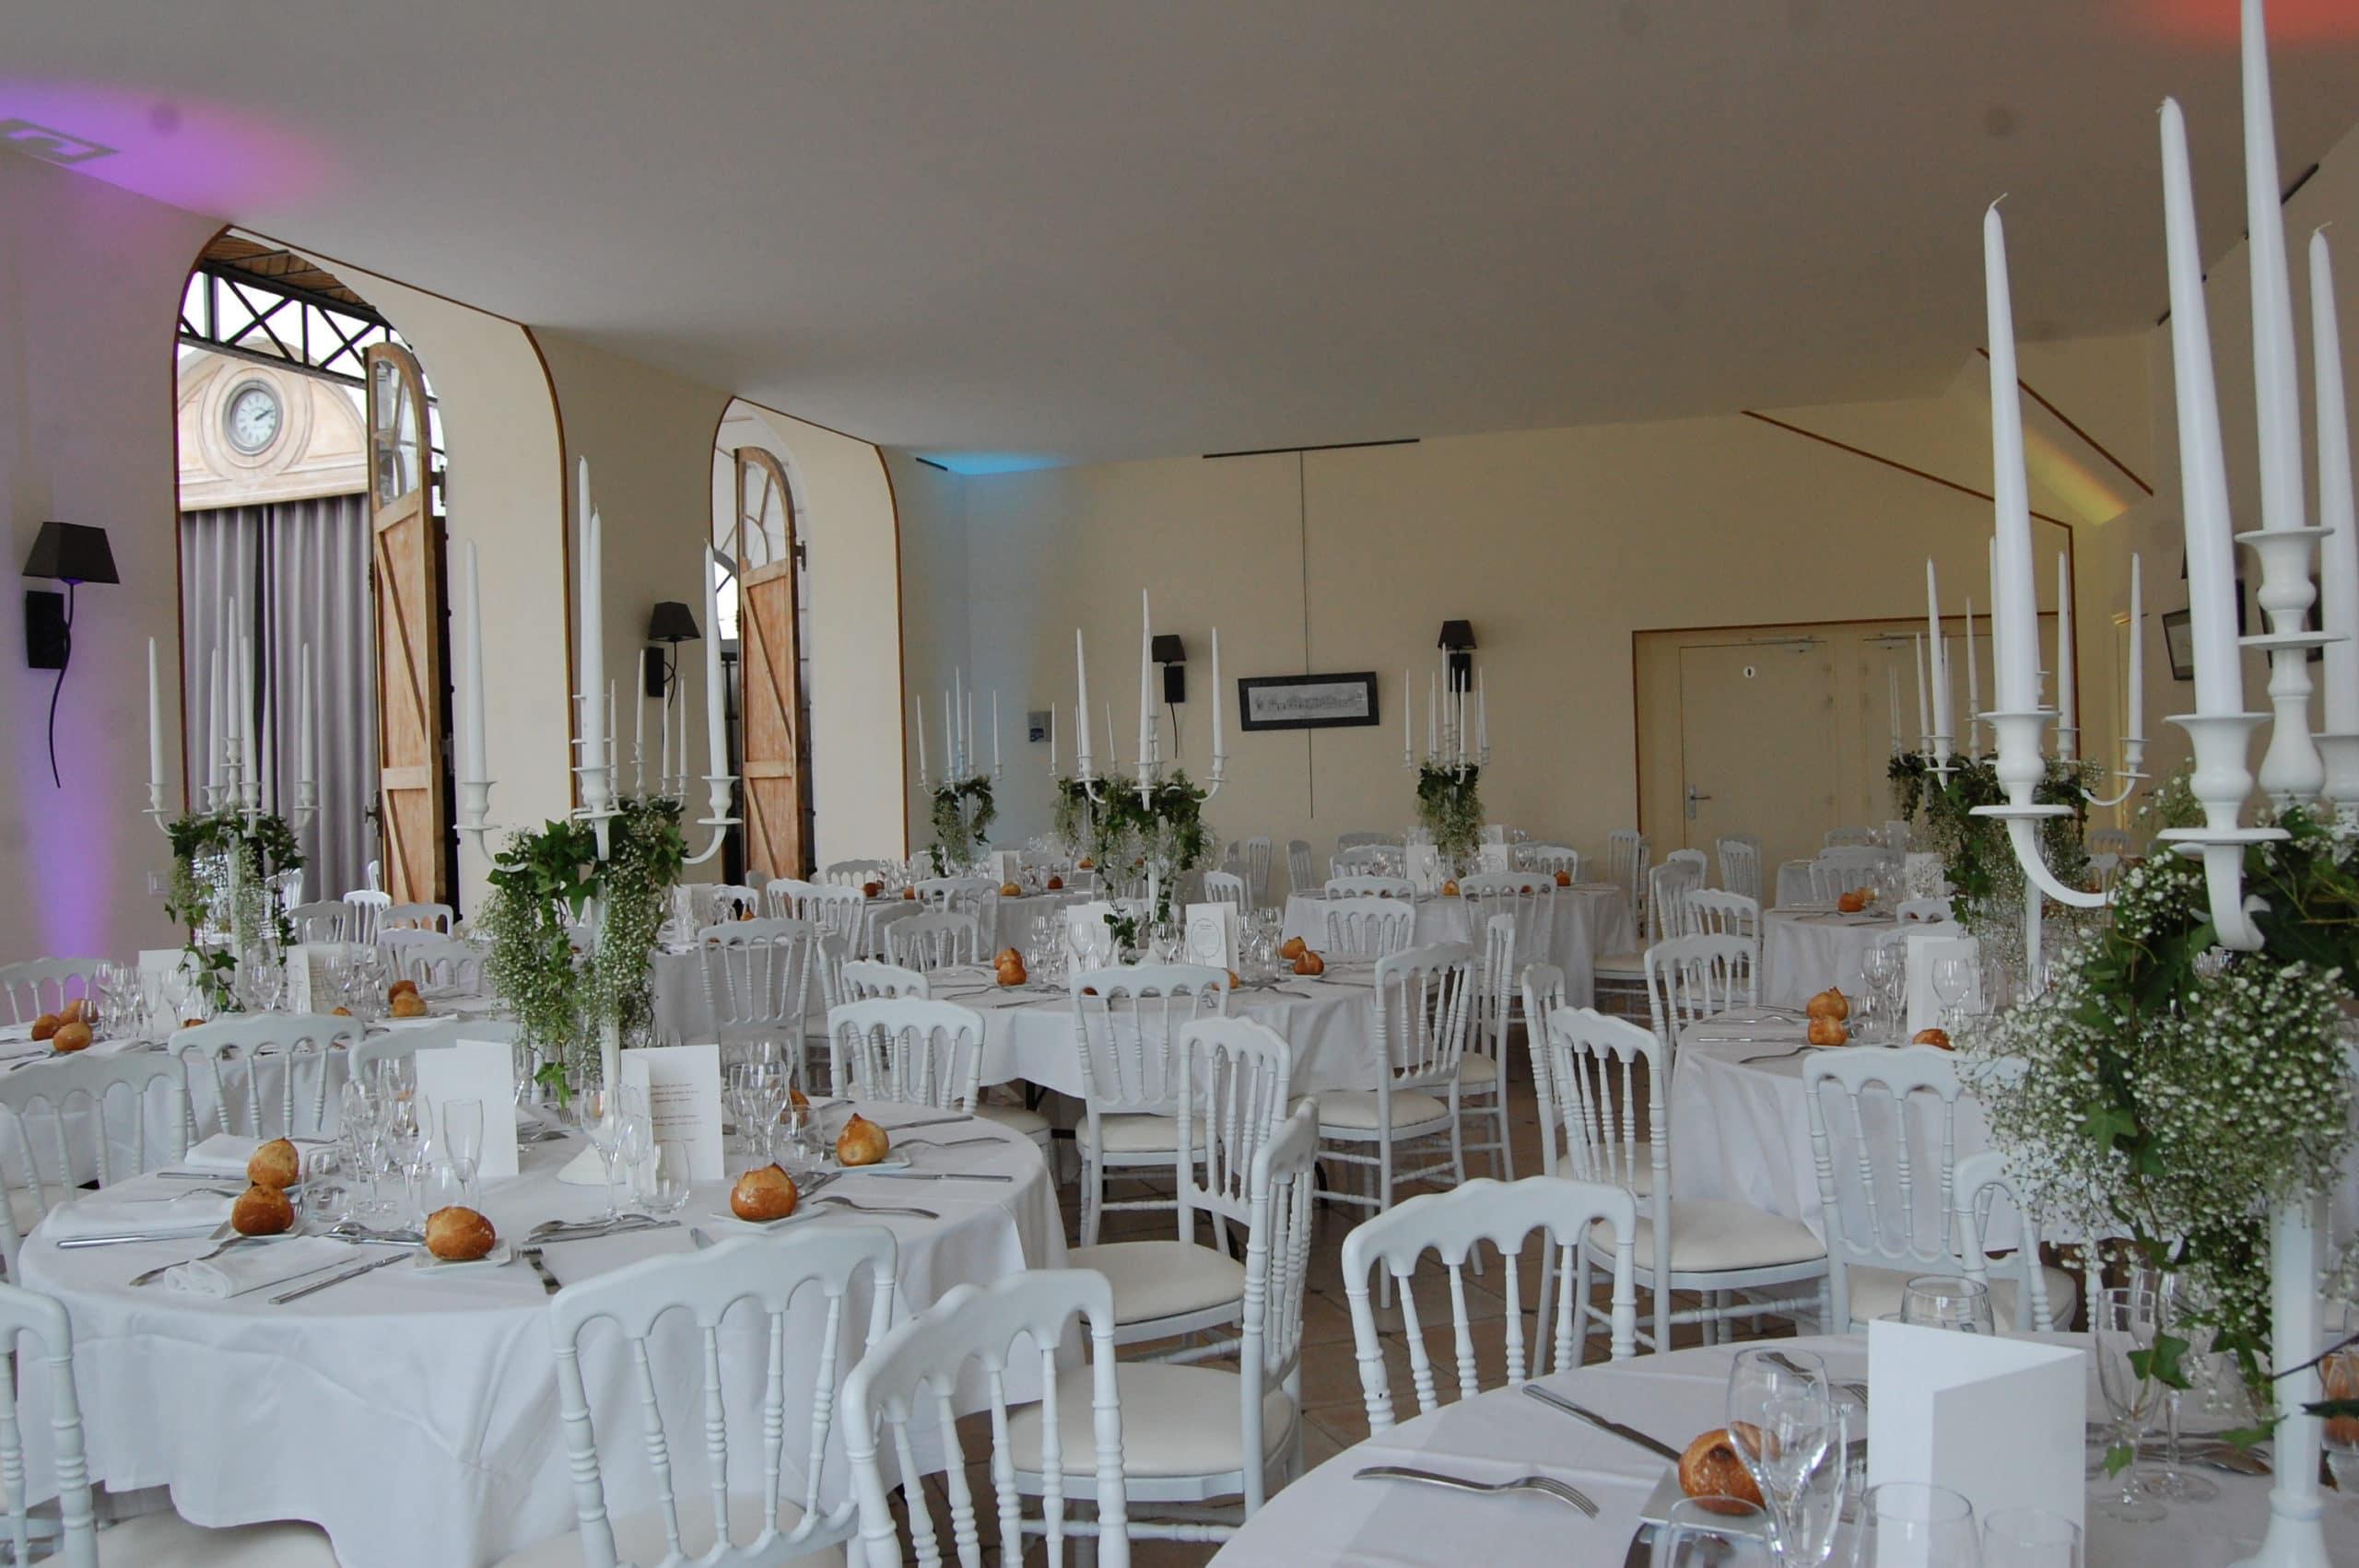 Salle_de_receptions_loiret_gien_chateau_de_pont_chevron_2